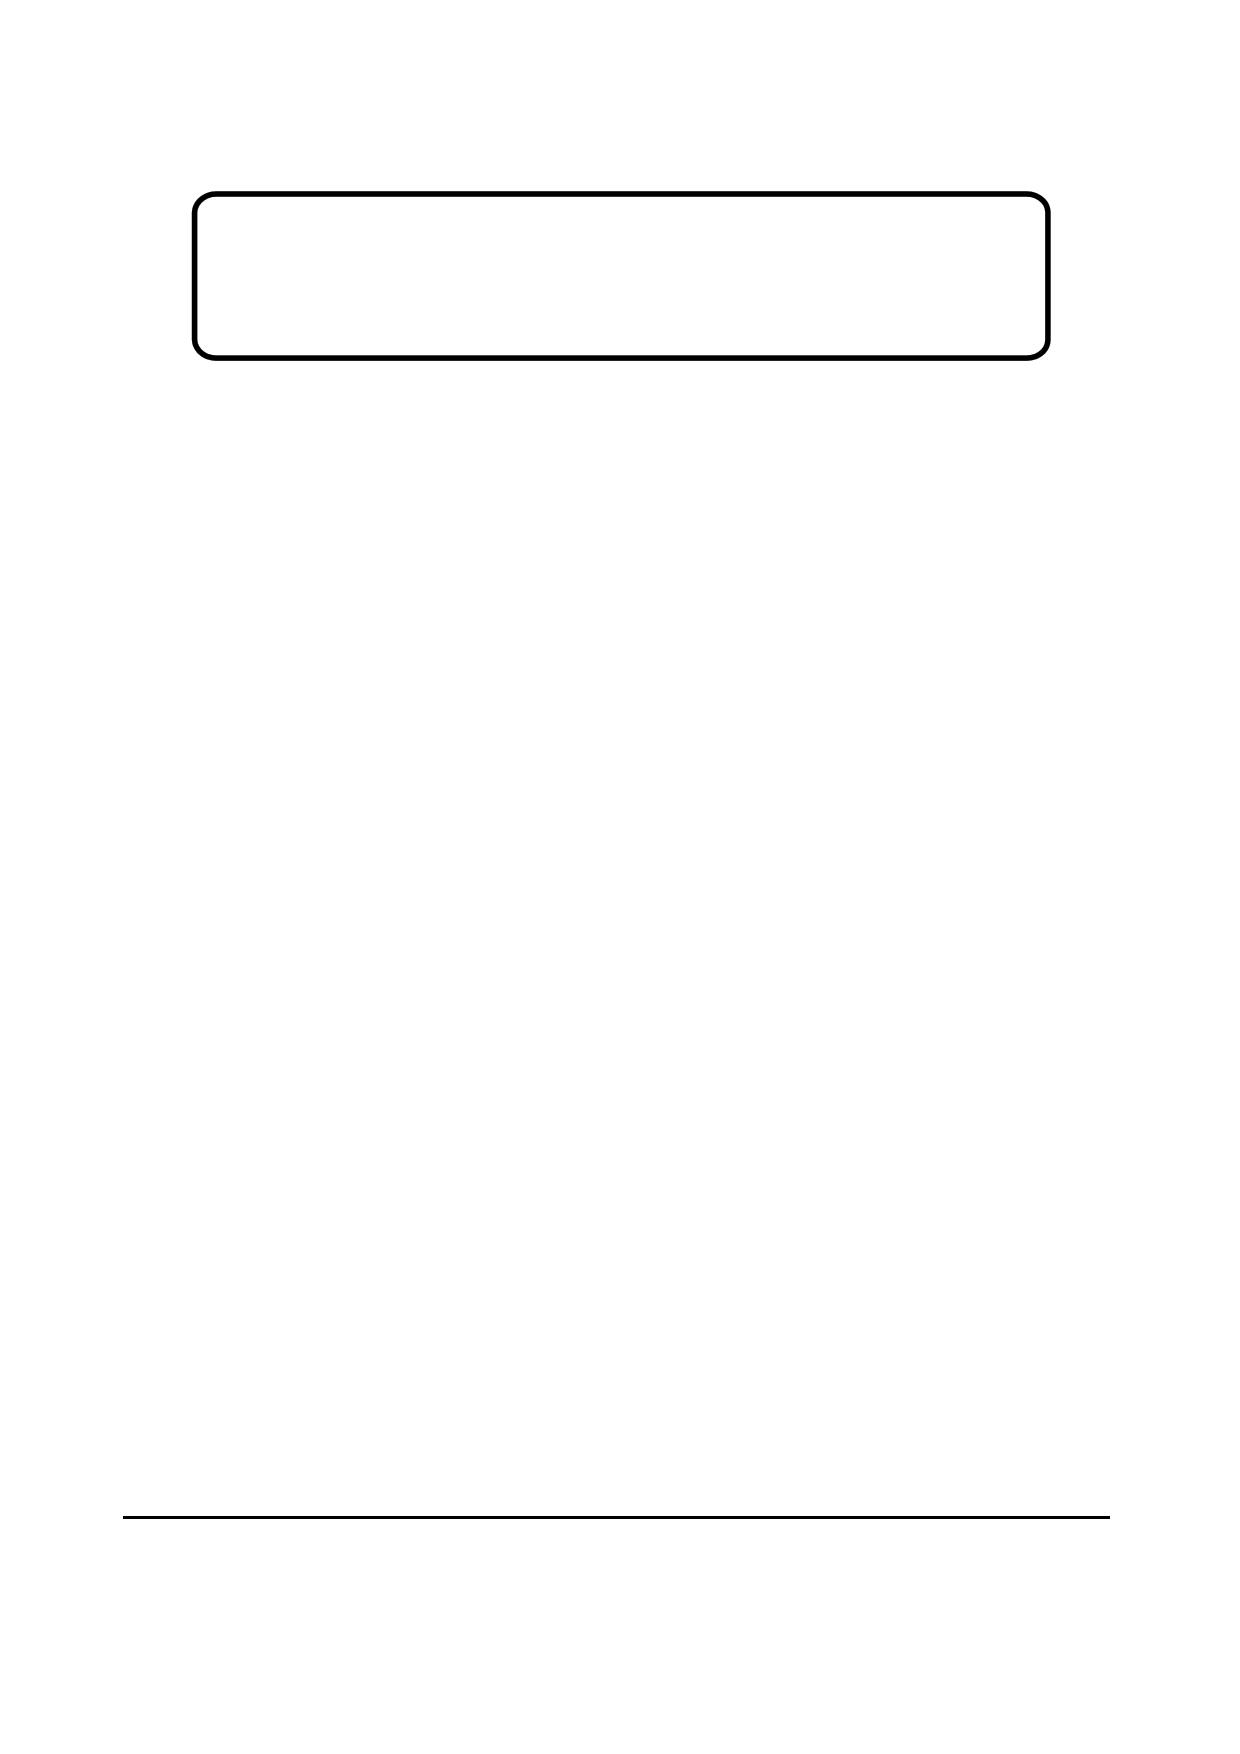 VE710b دیتاشیت PDF